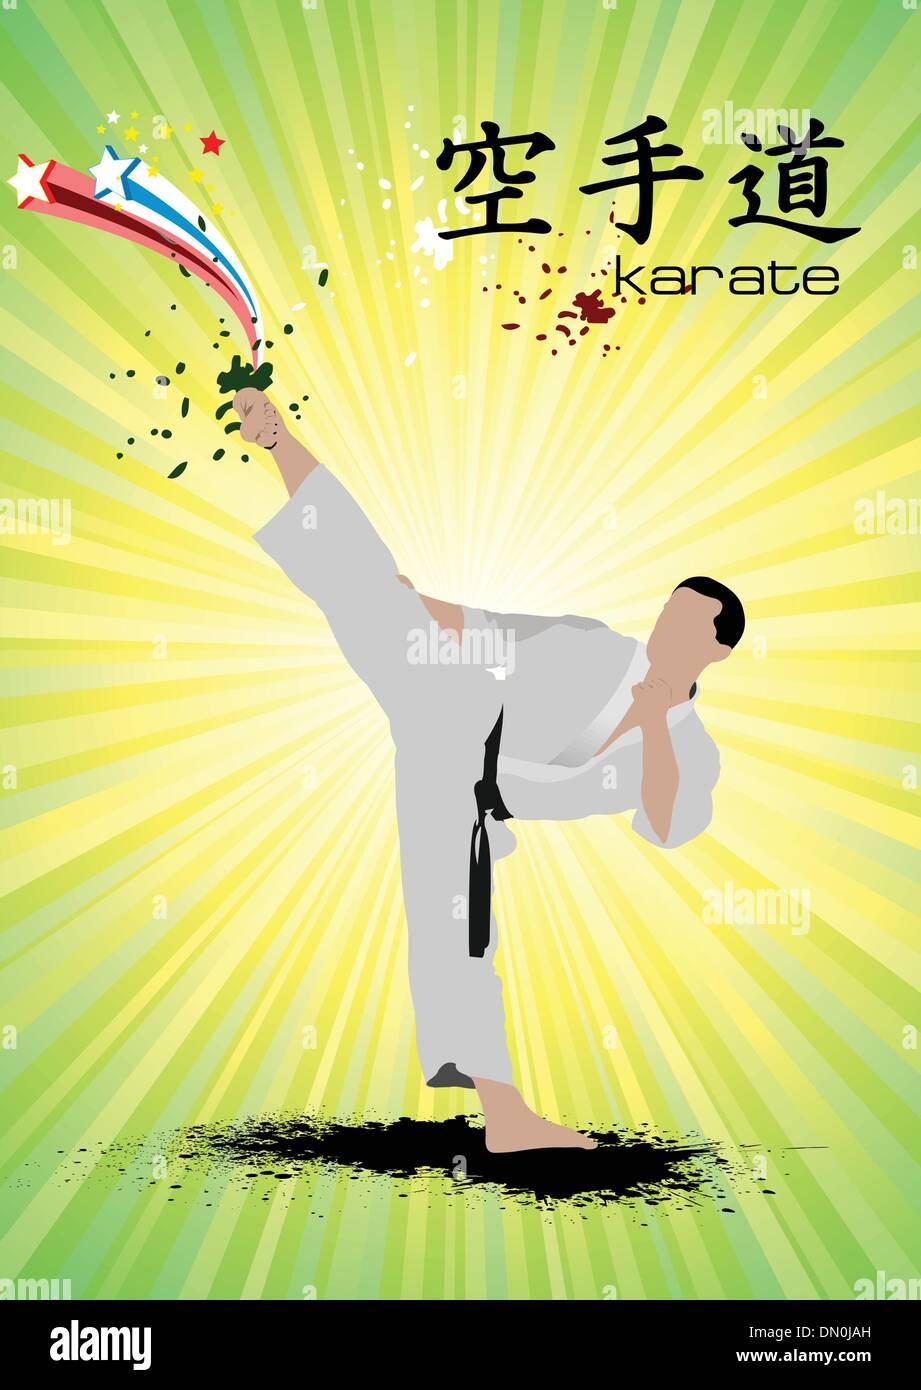 Orientalische Kampfsportarten. Plakat des Karate. Vektor-illustration Stockbild